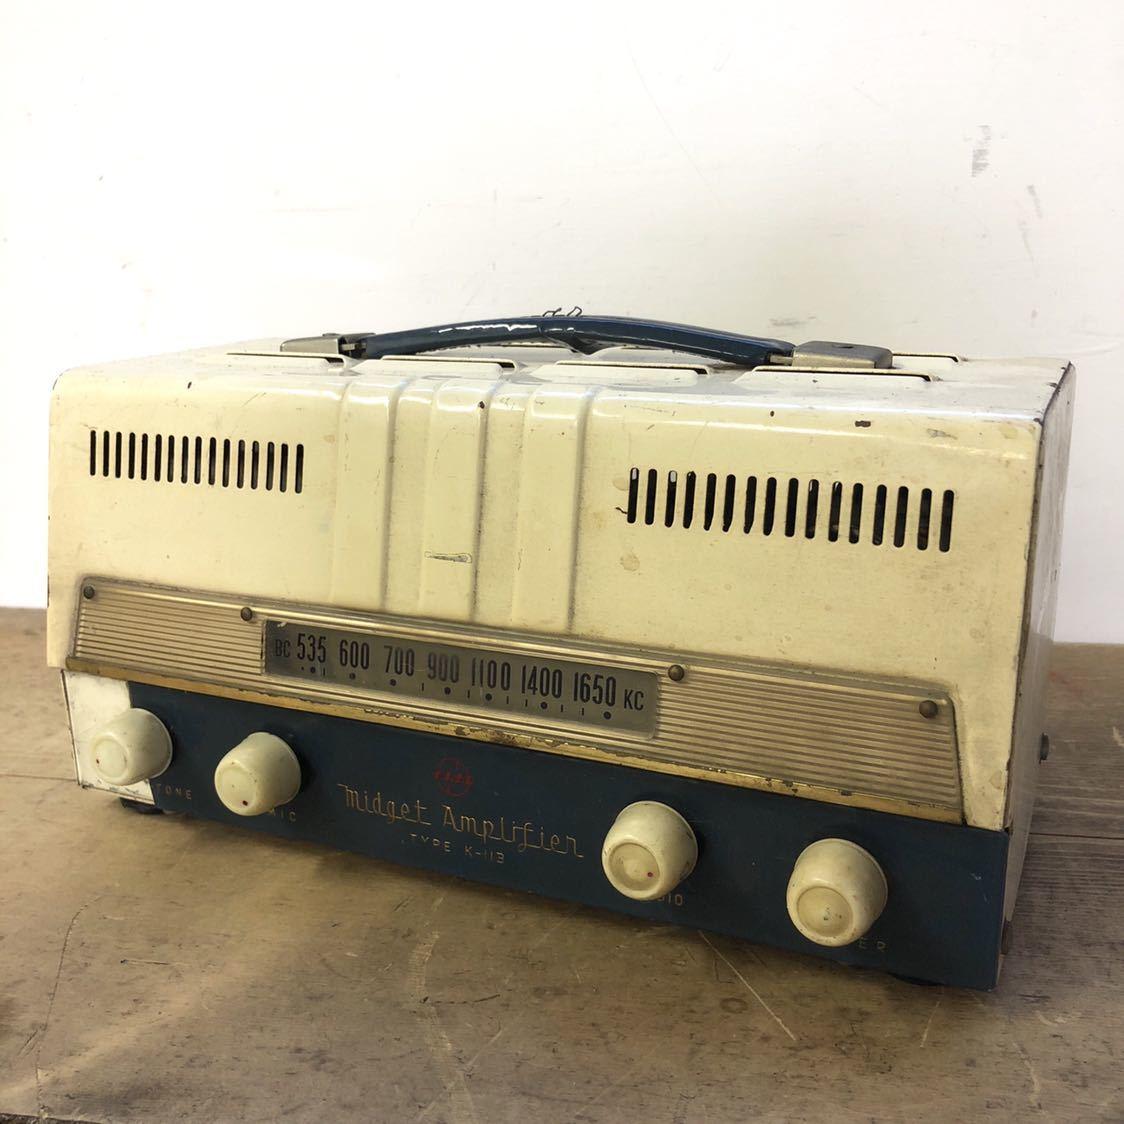 【ジャンク】 ナショナル 真空管 アンプ ラジオ midget amplifier ミッドナイト レトロ 昭和 アンティーク ヴィンテージ 部品取り